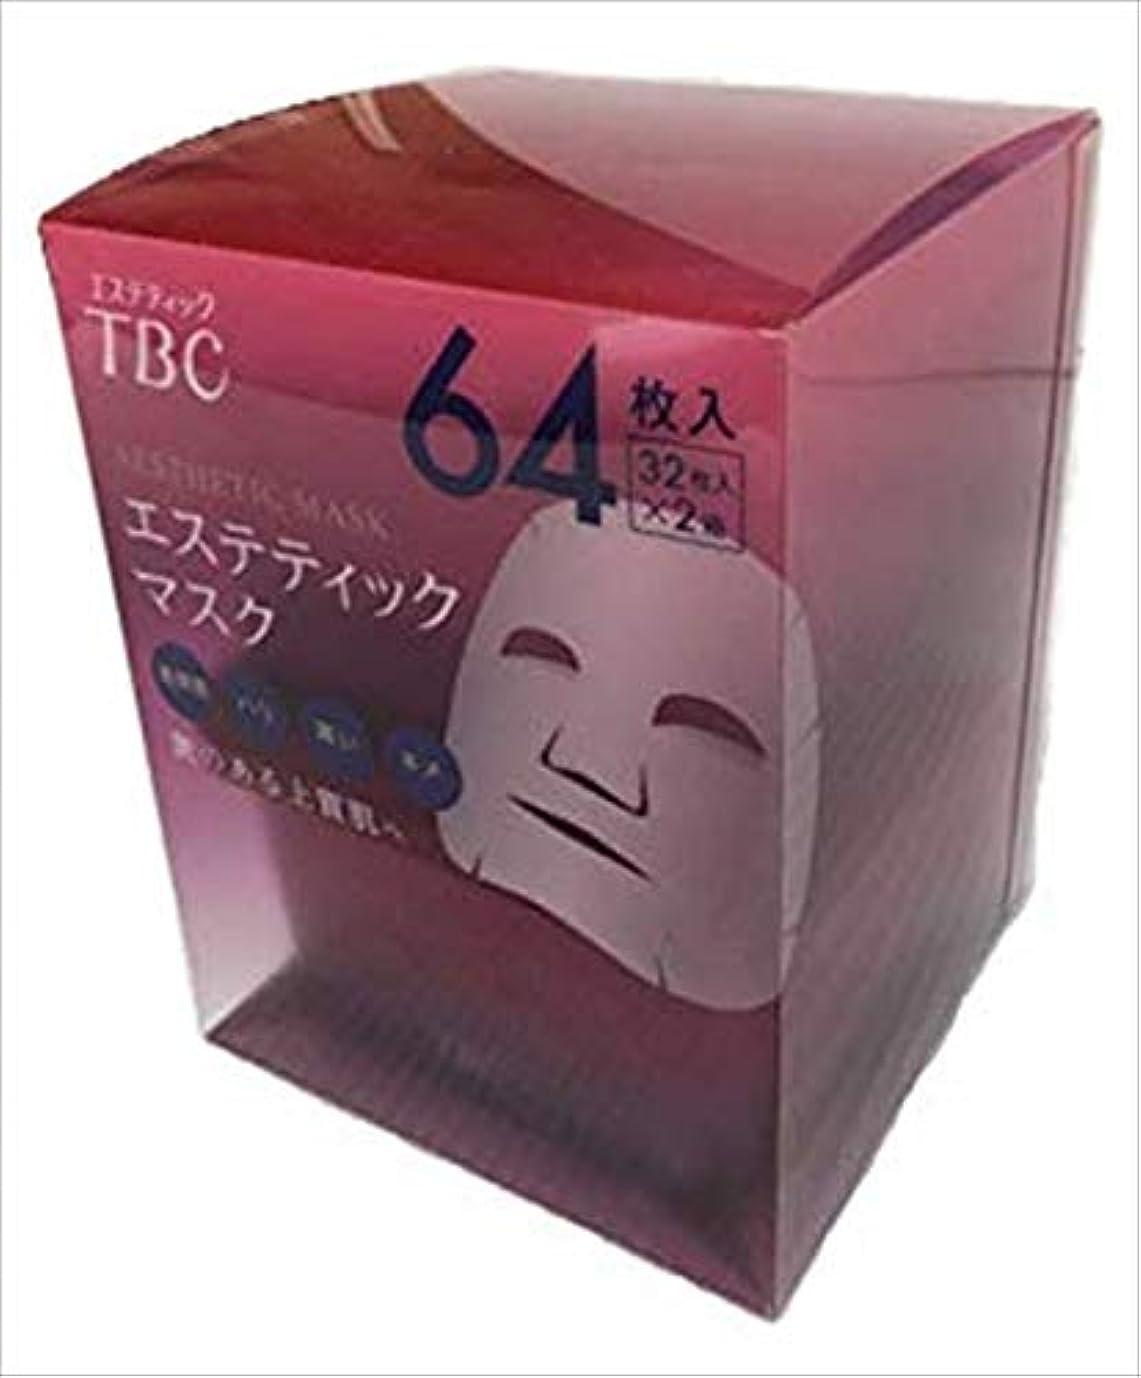 住居拒絶お風呂を持っているTBC エステティック フェイスマスク ボックスタイプ 32枚×2個